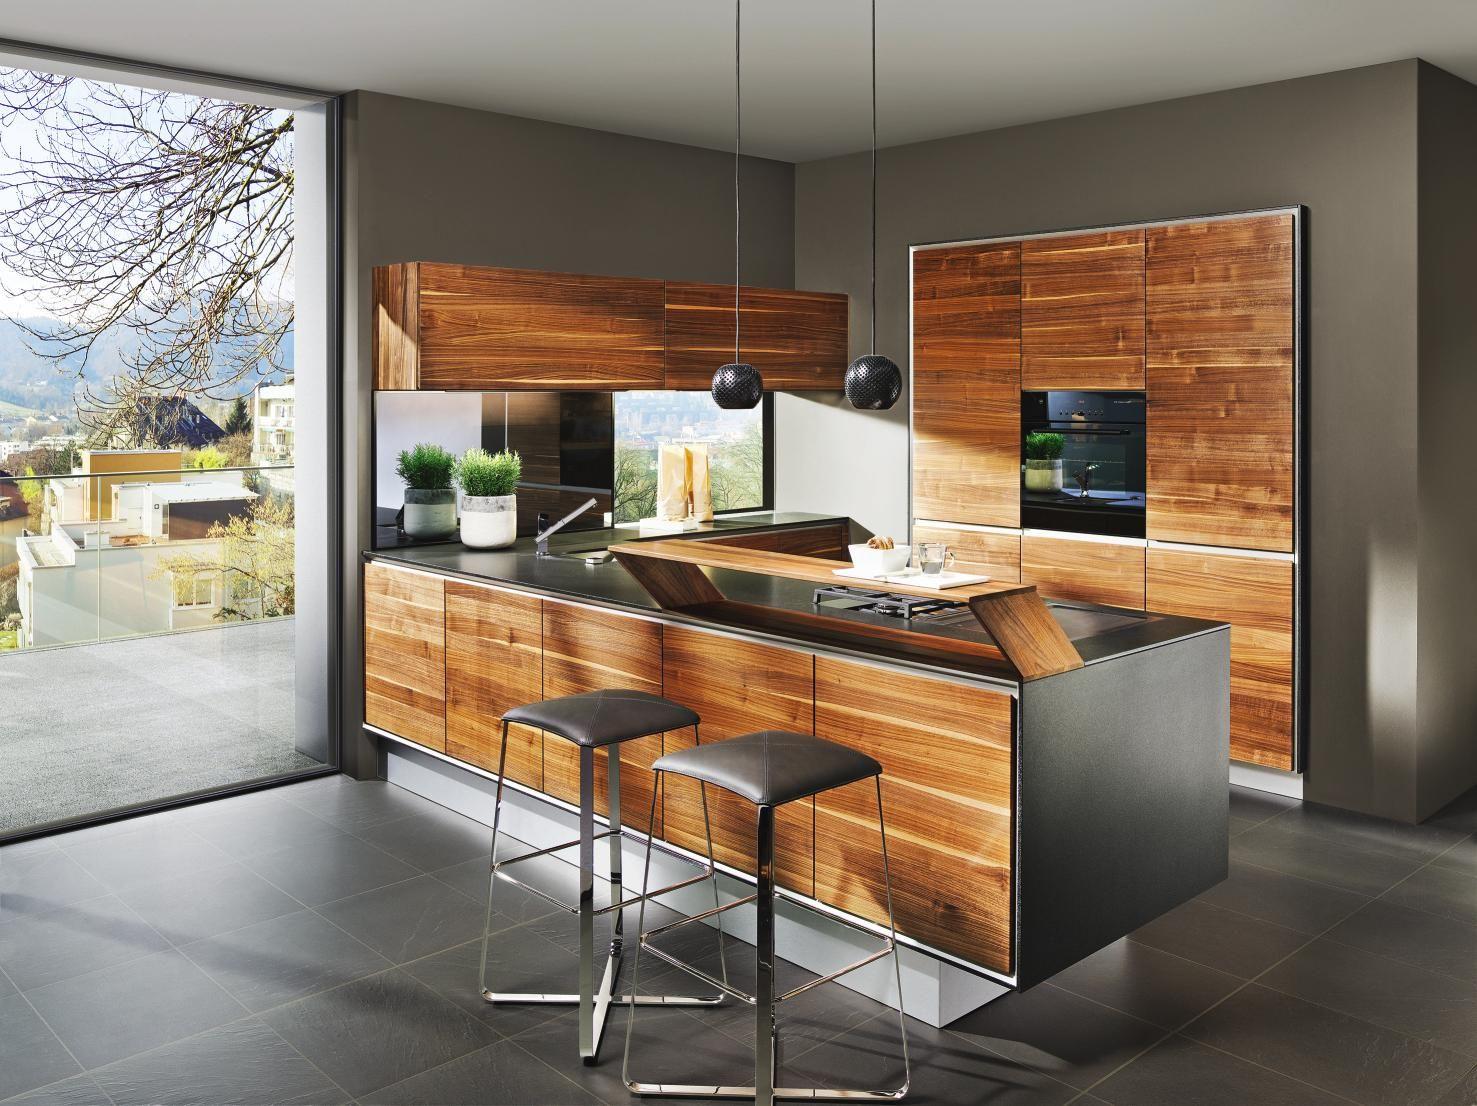 einbauk che k che zu hause pinterest einbauk chen zuhause und haus bauen. Black Bedroom Furniture Sets. Home Design Ideas